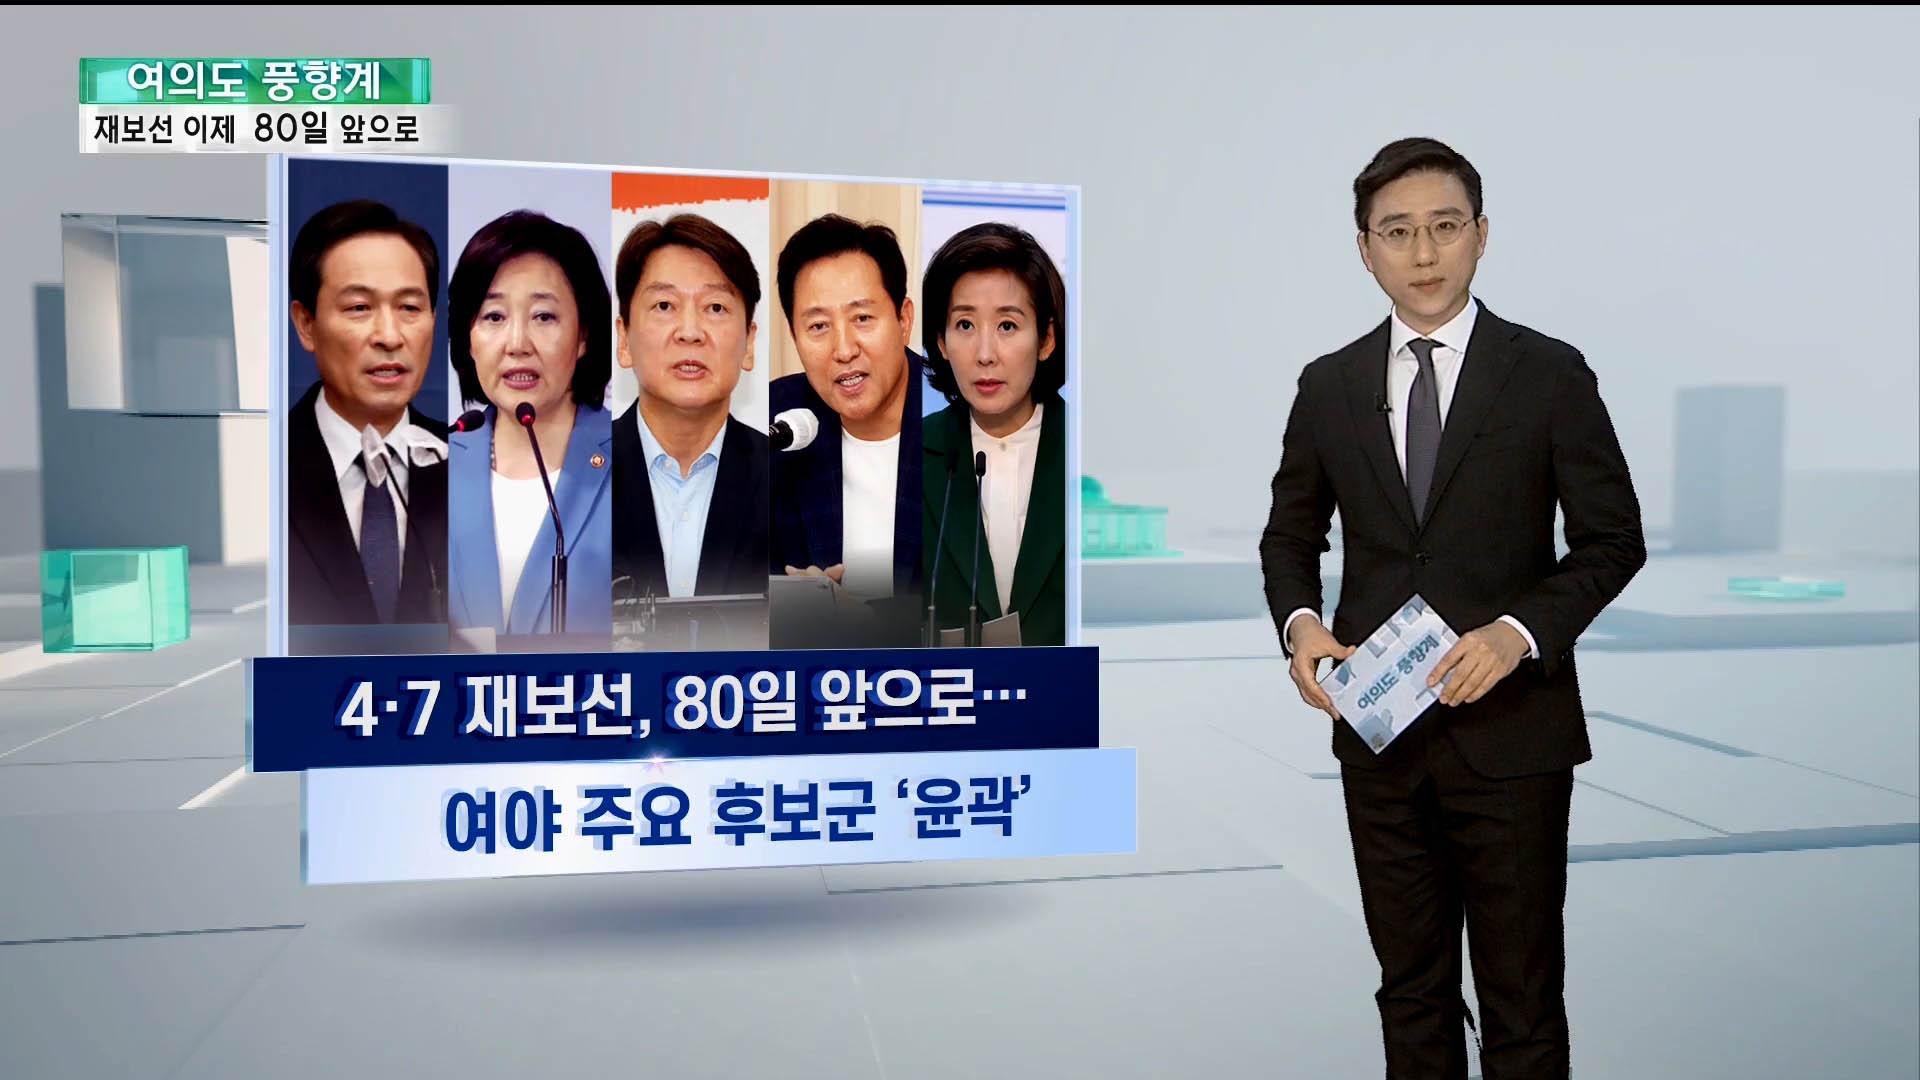 서울시장 '거물급의 리턴매치'…단일화는 양날의 검?